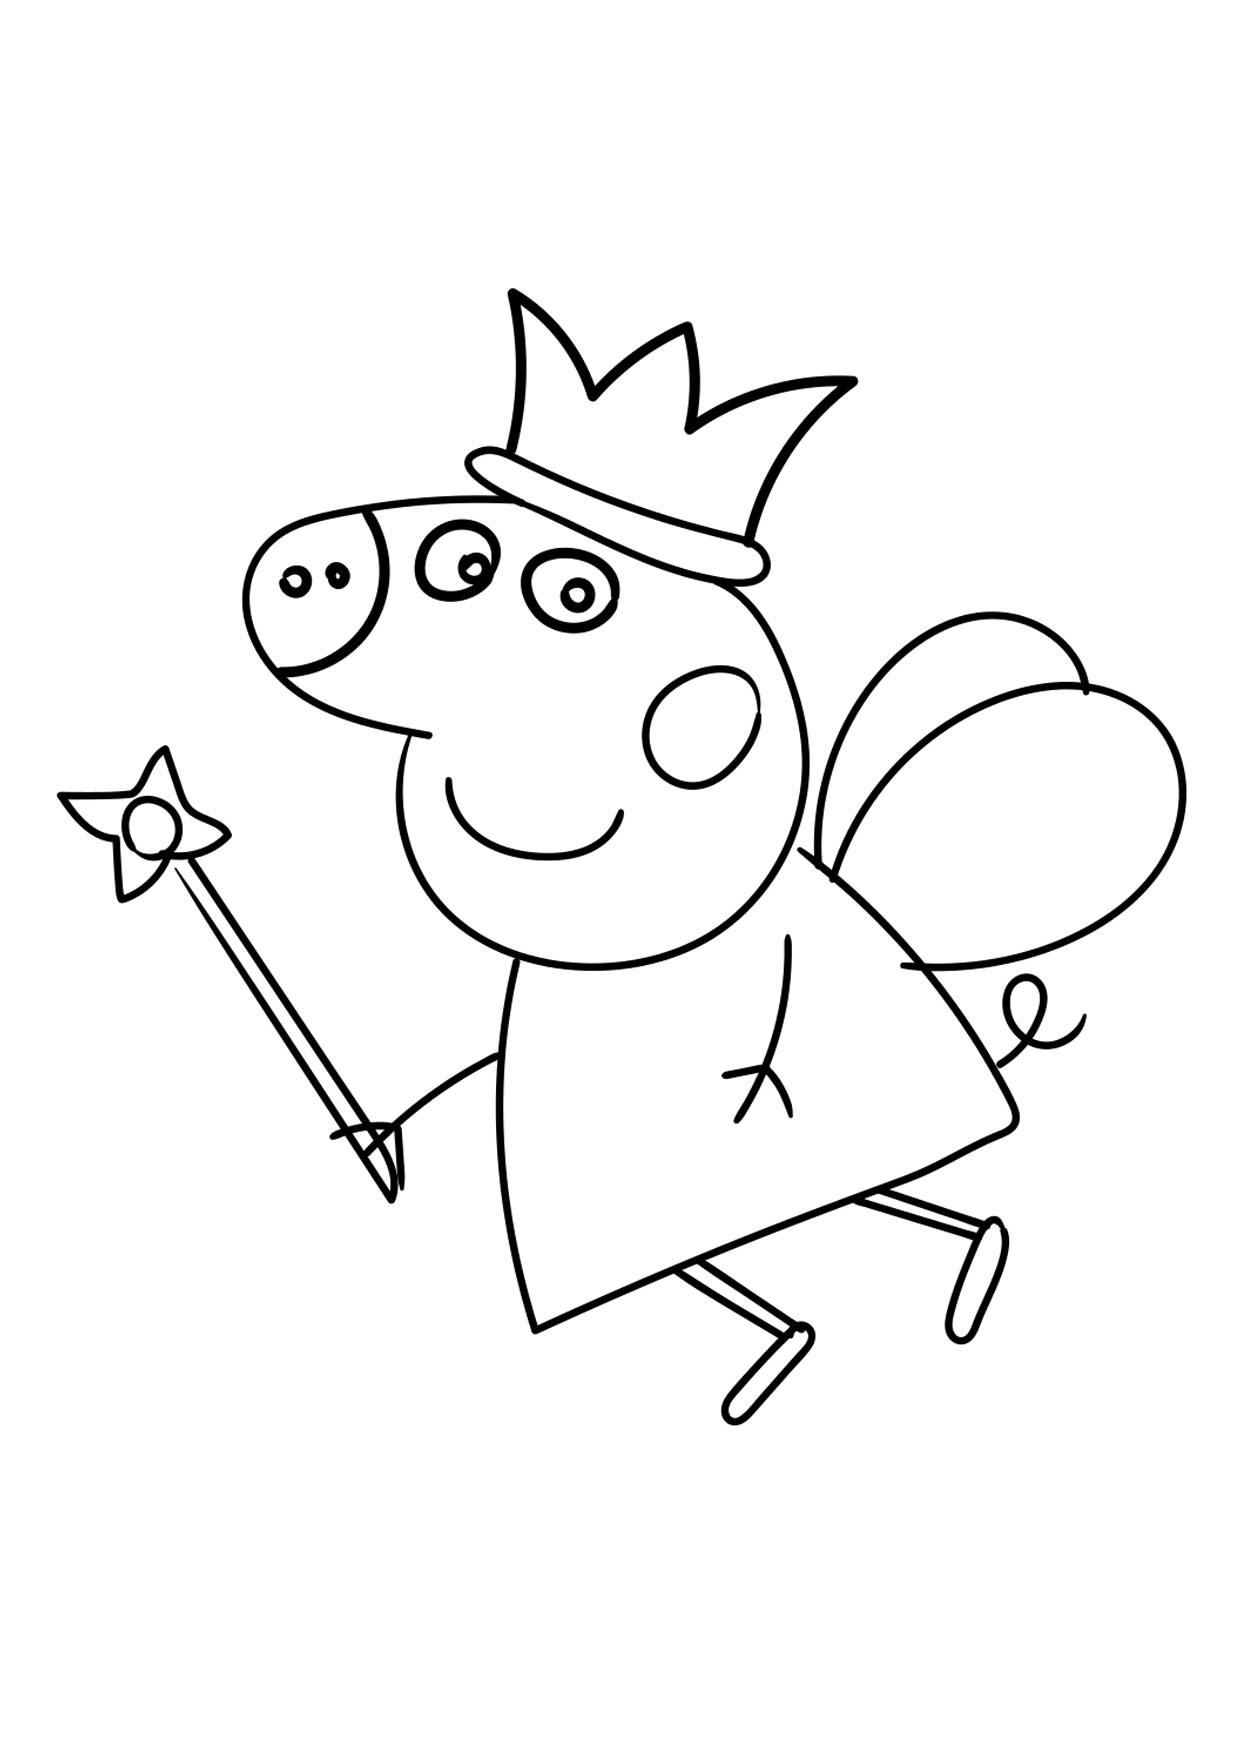 Disegno Peppa Pig da colorare 09